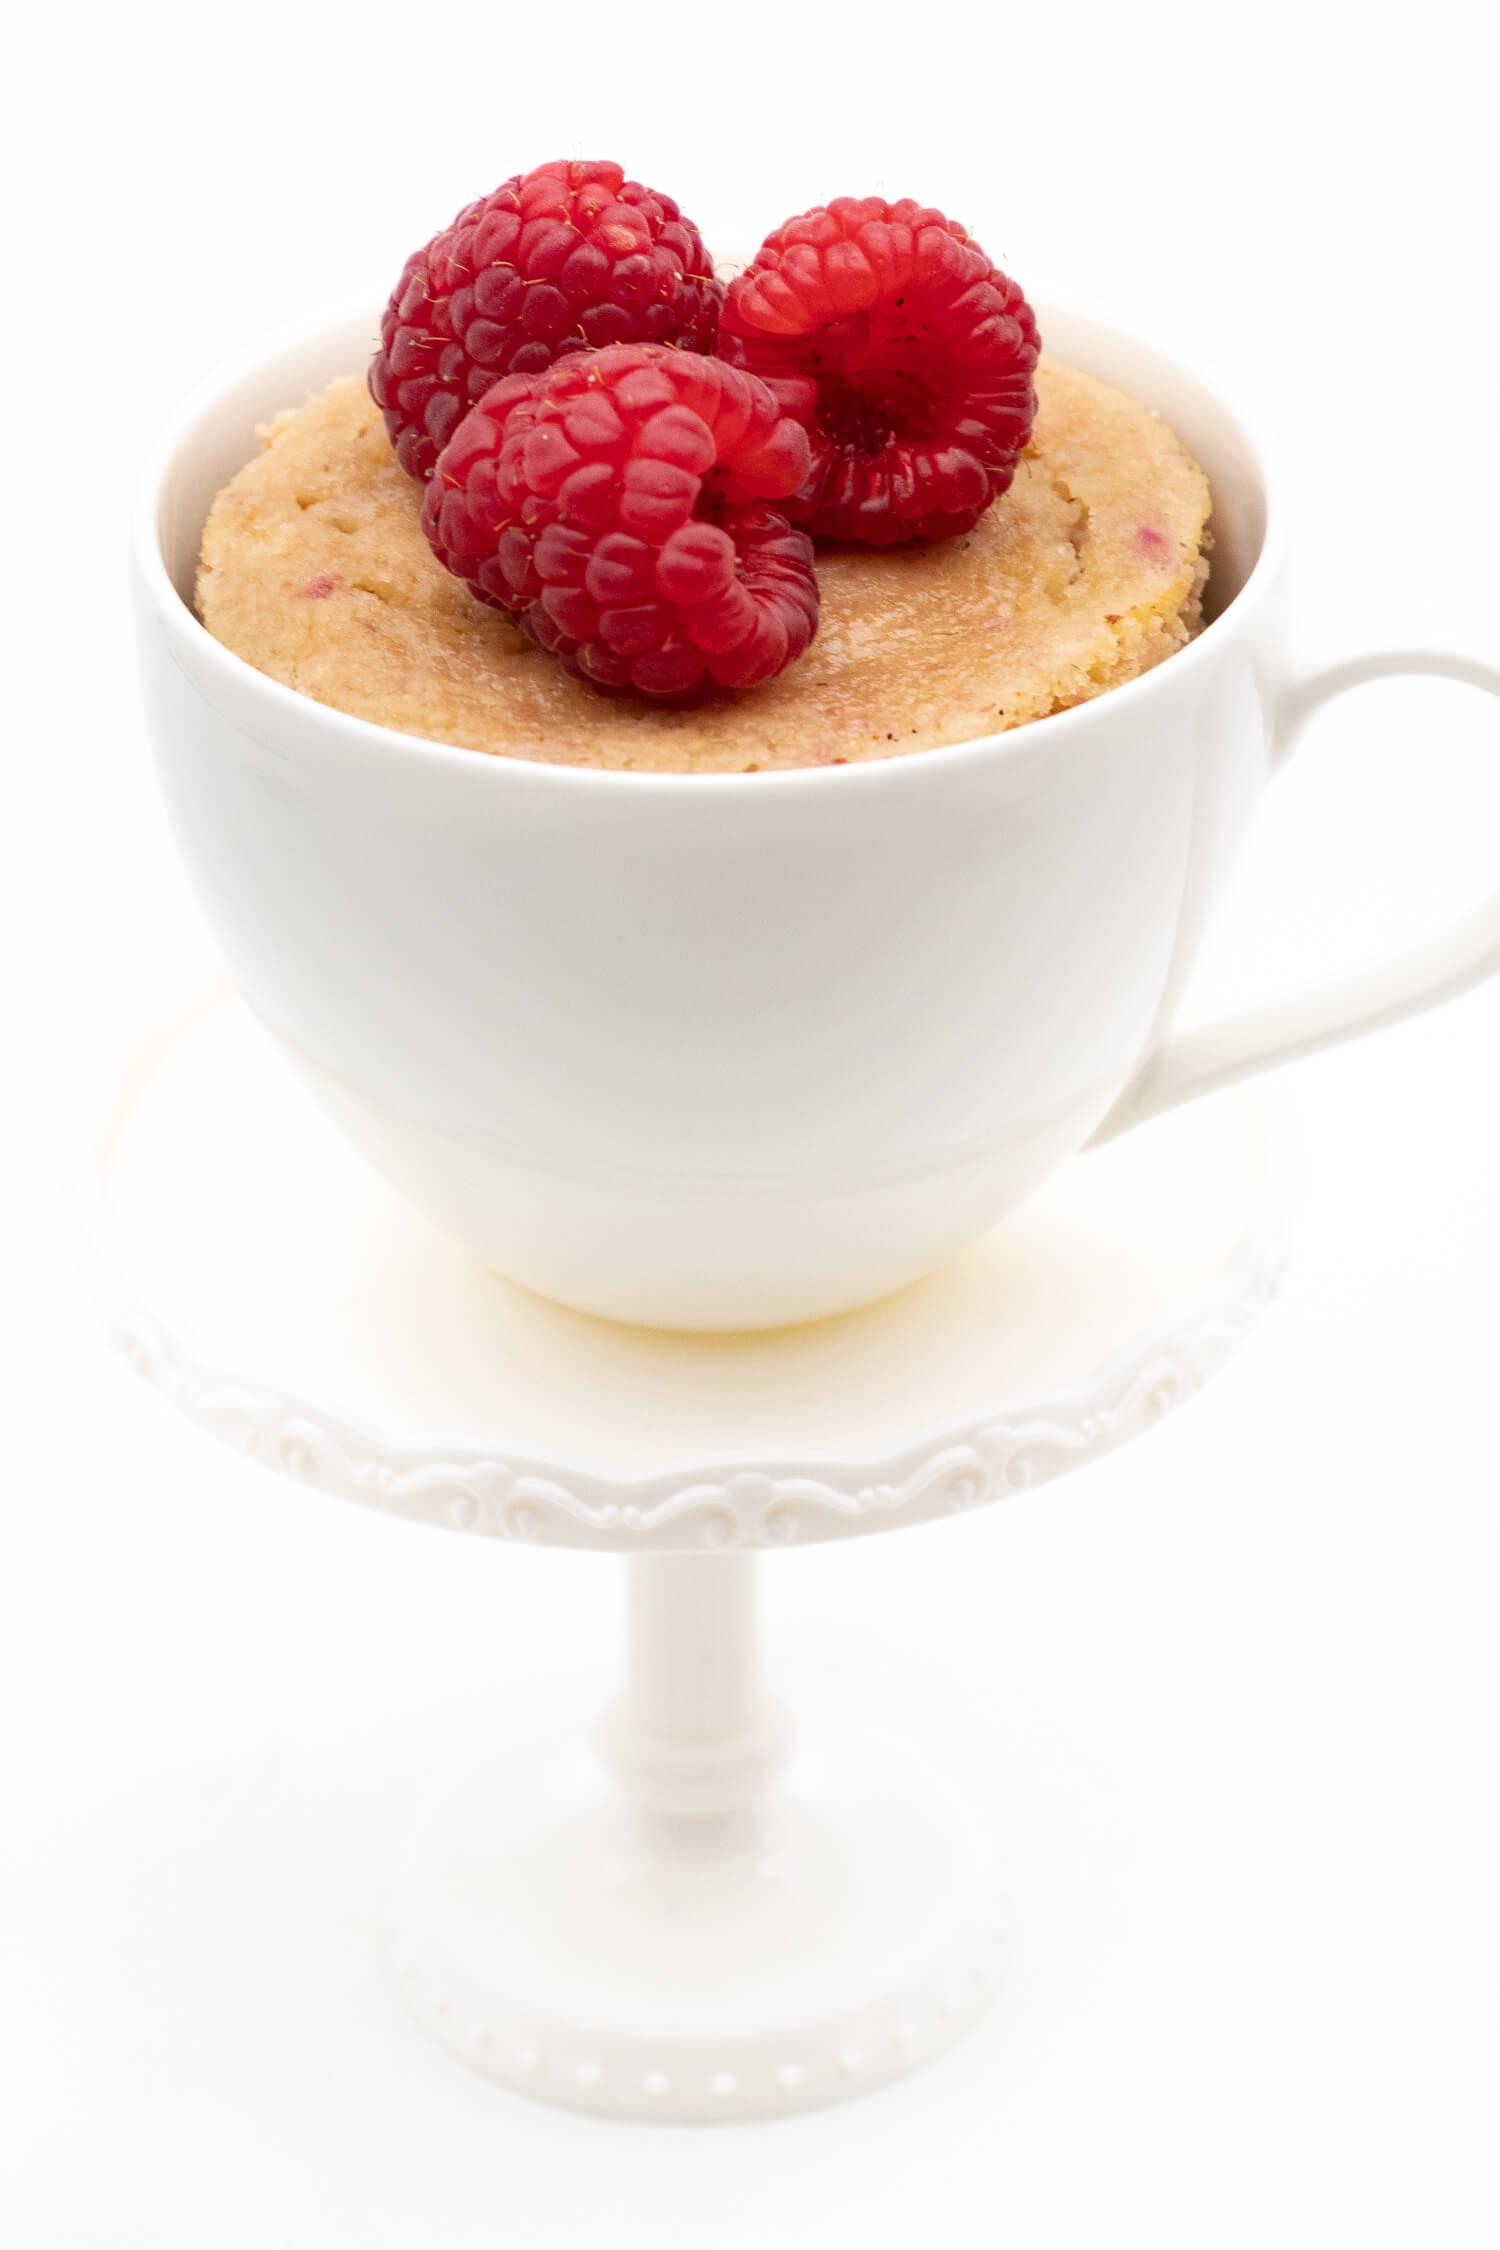 Rezept für einen Low Carb Tassenkuchen mit Himbeeren ohne Mehl